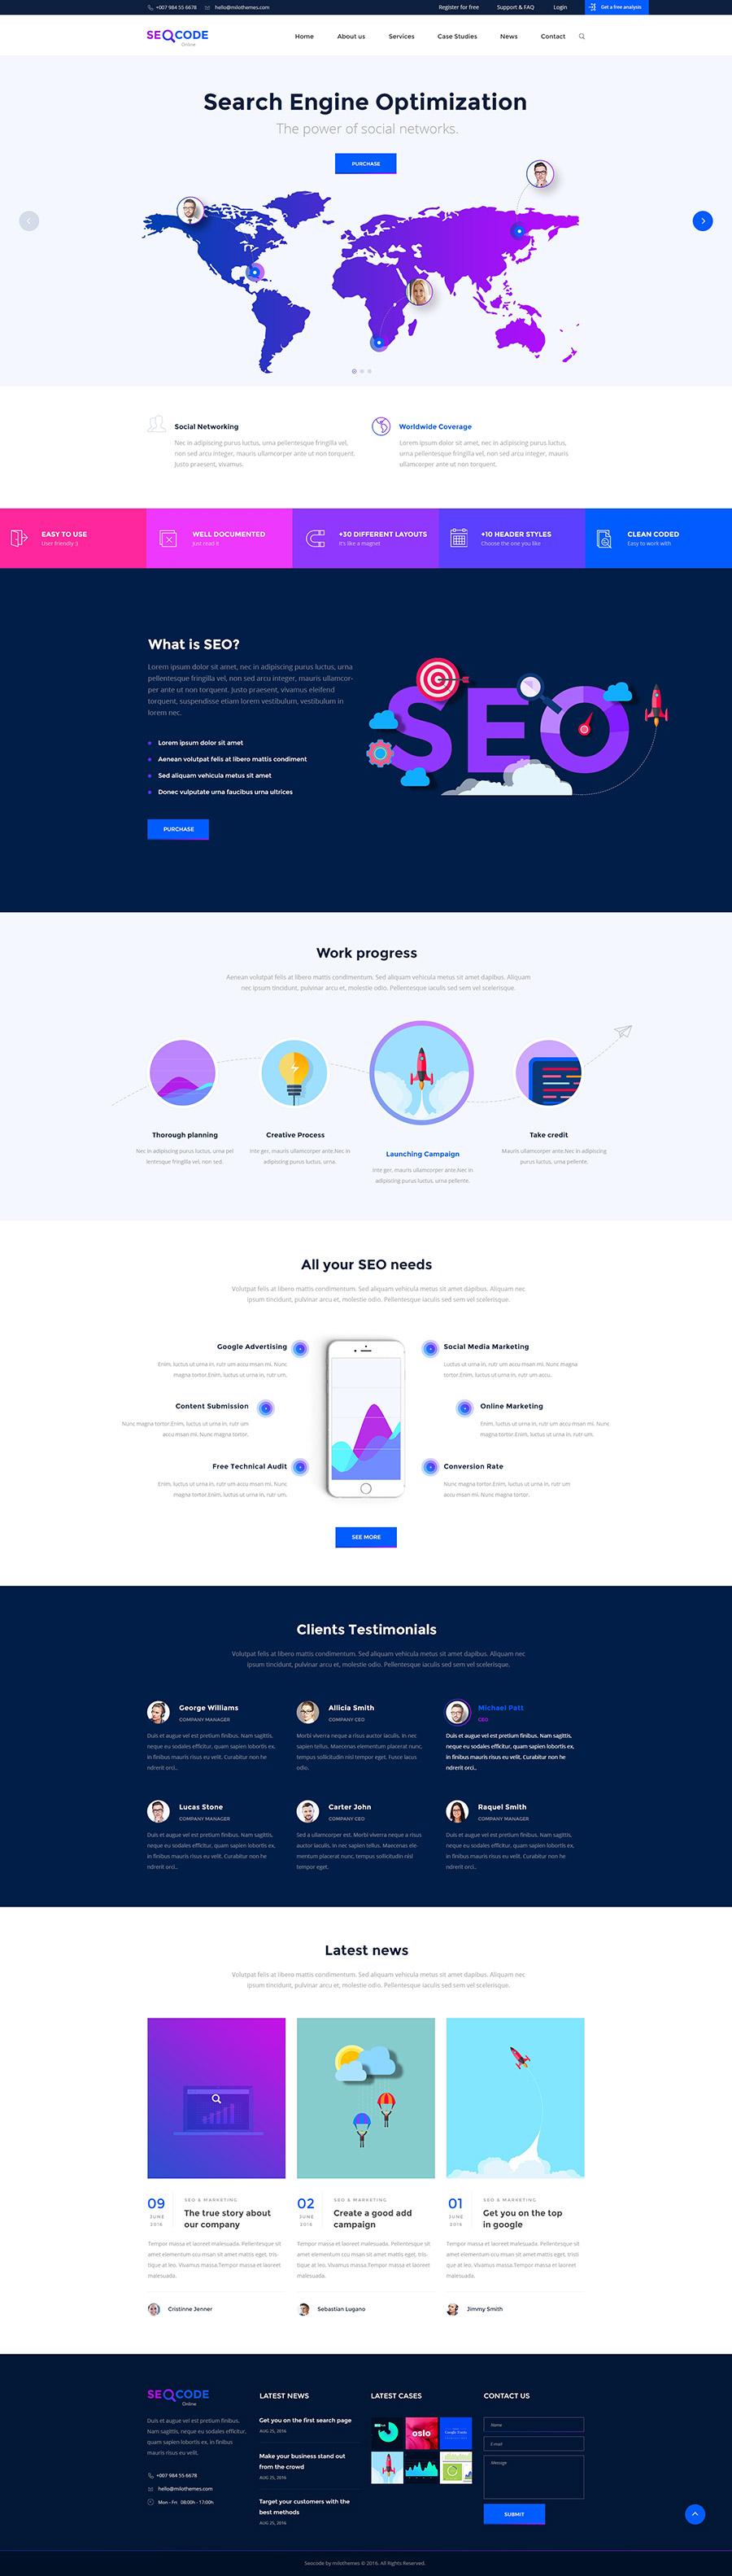 thiết kế website công ty chuyên SEO, tru